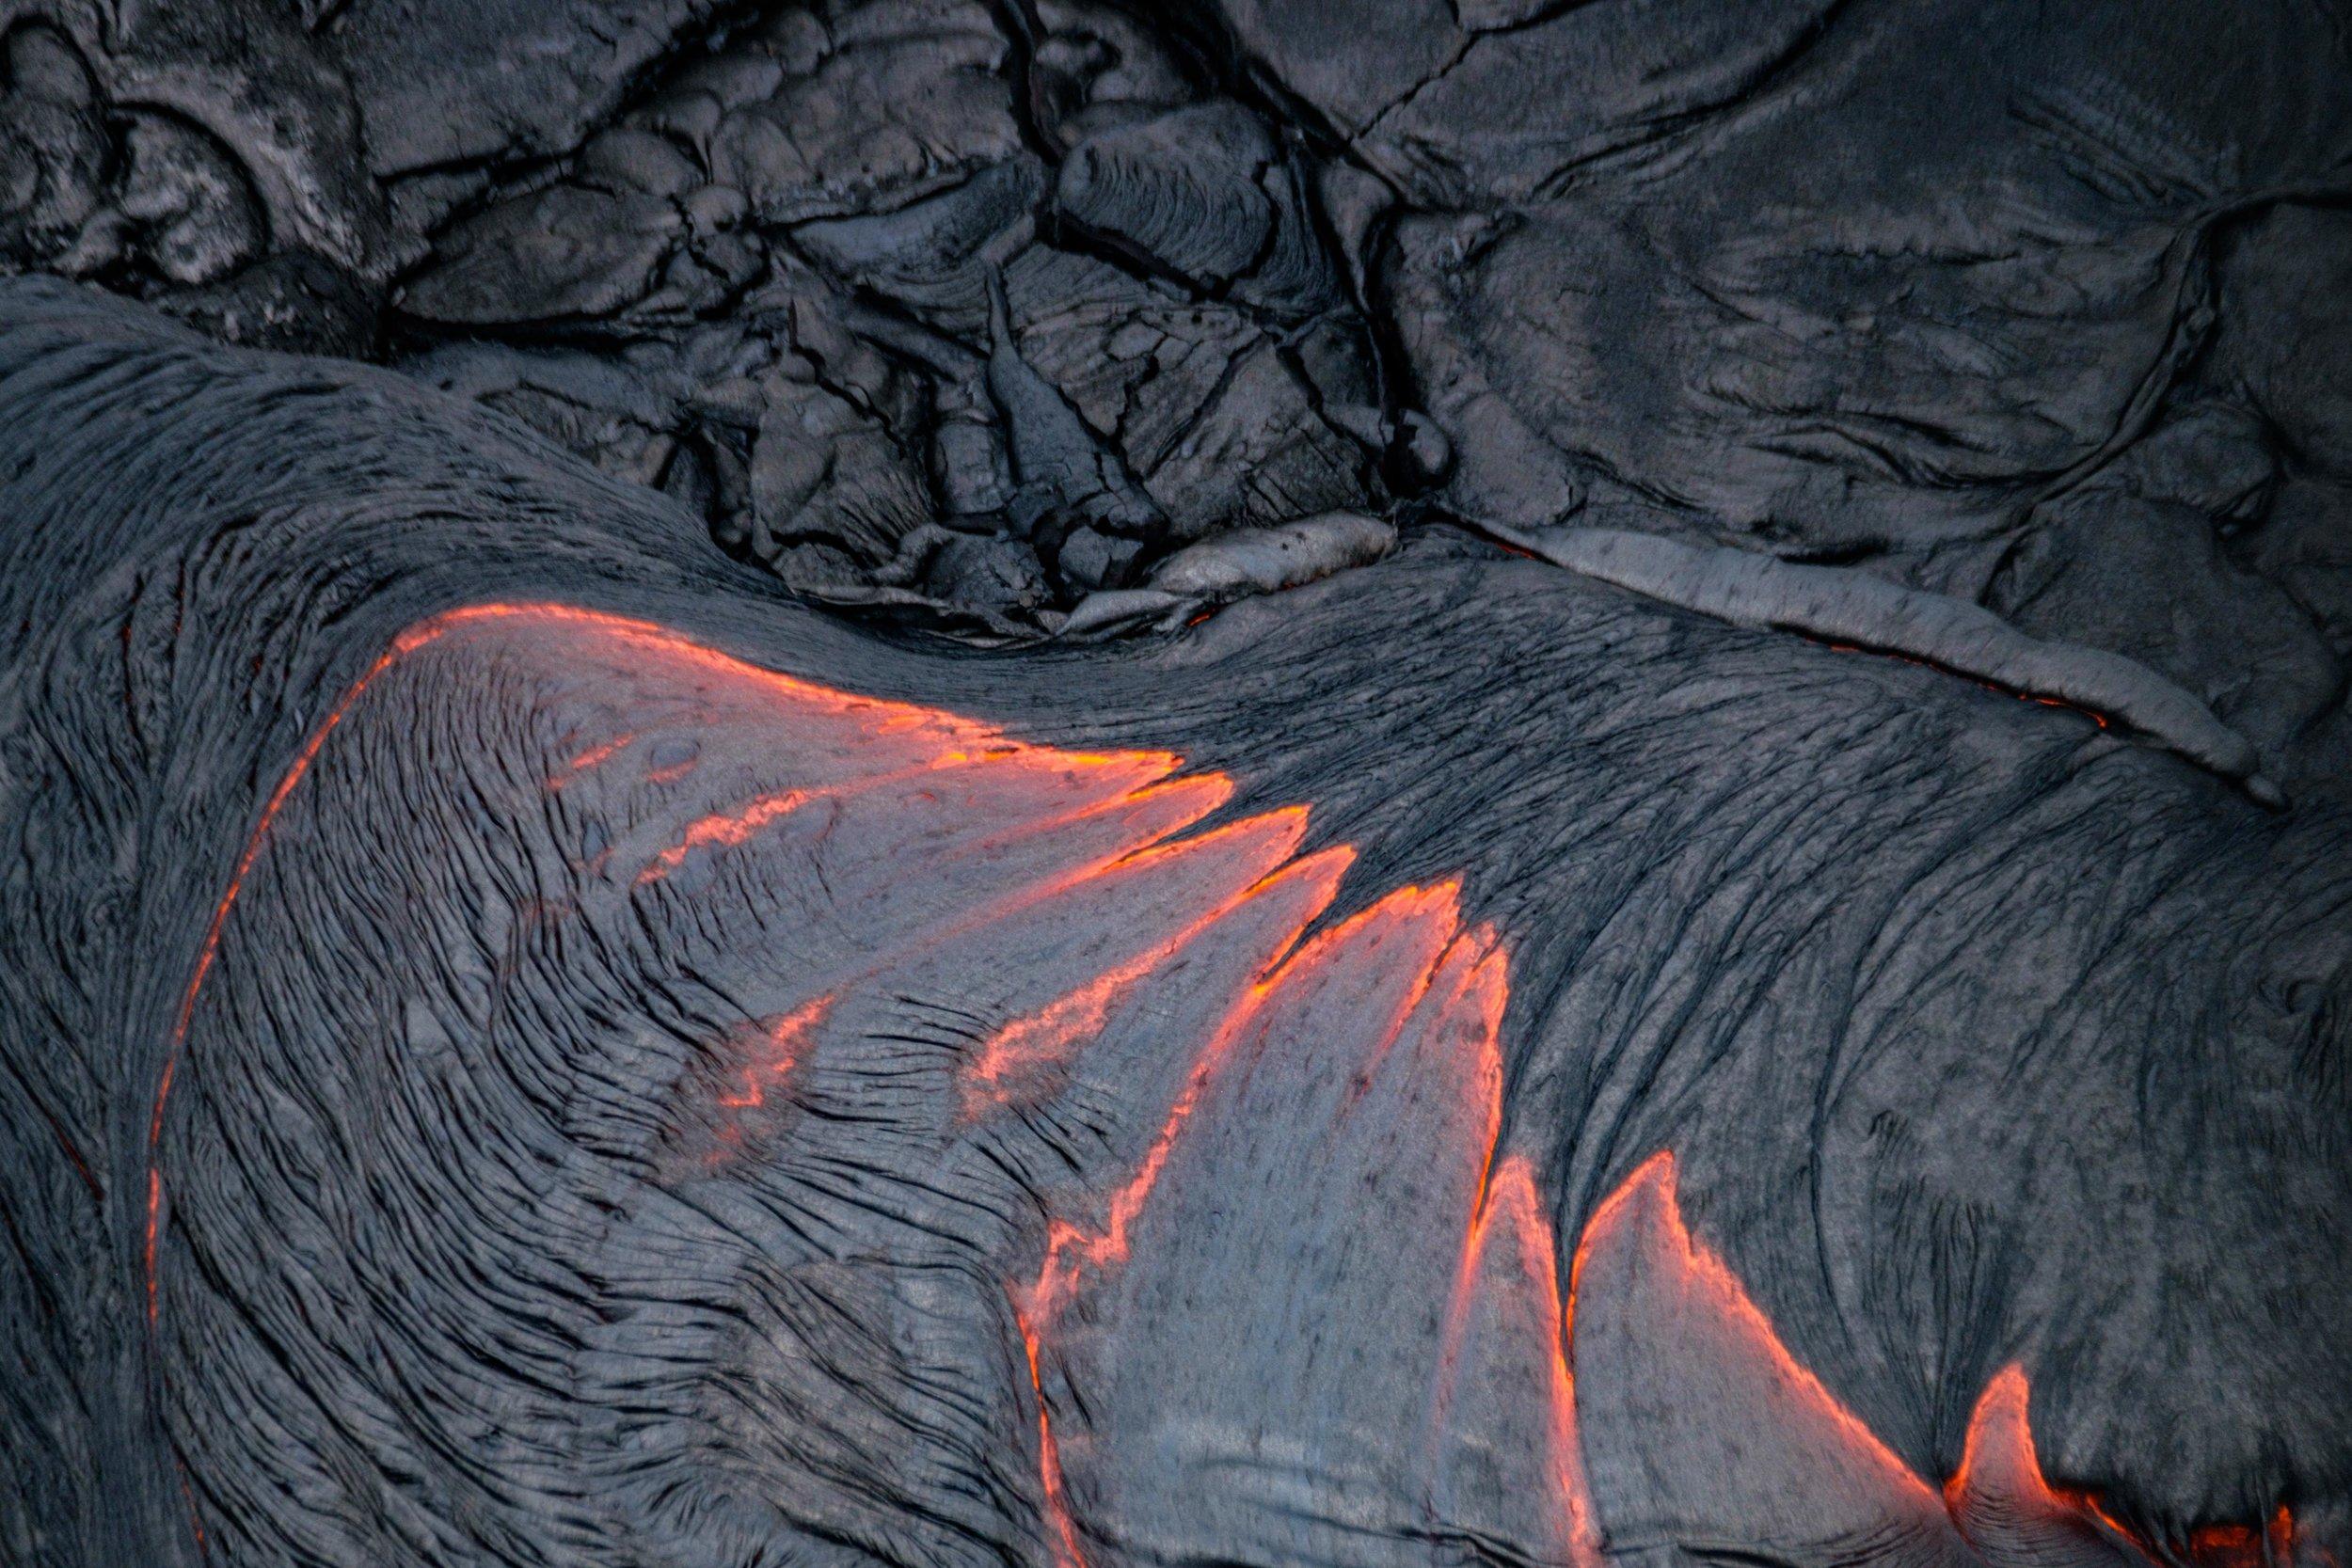 Detail of lava flow.